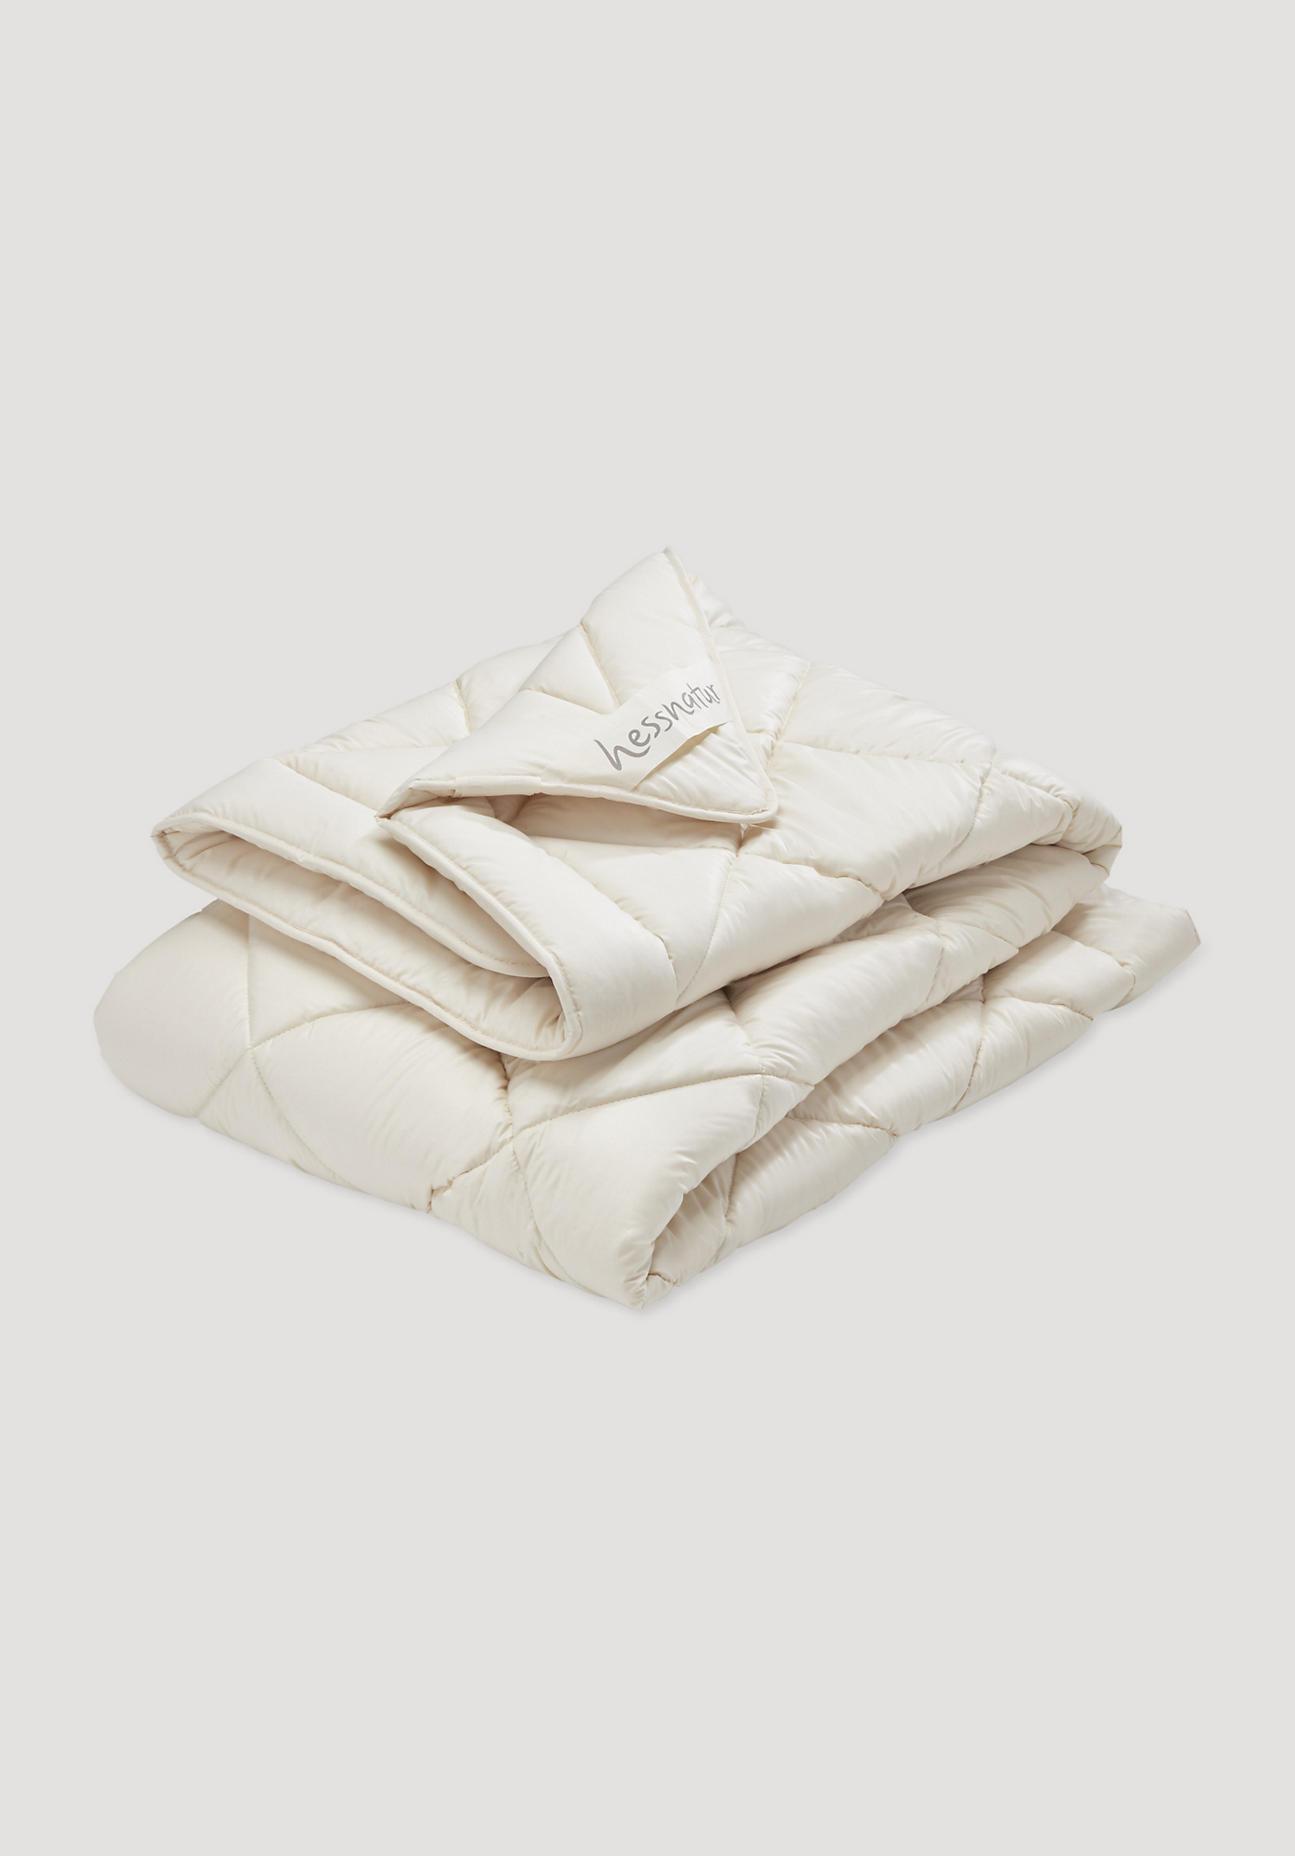 hessnatur Ganzjahres-Bettdecke mit reiner Bio-Schurwolle – naturfarben – Größe 135x200 cm 2150g